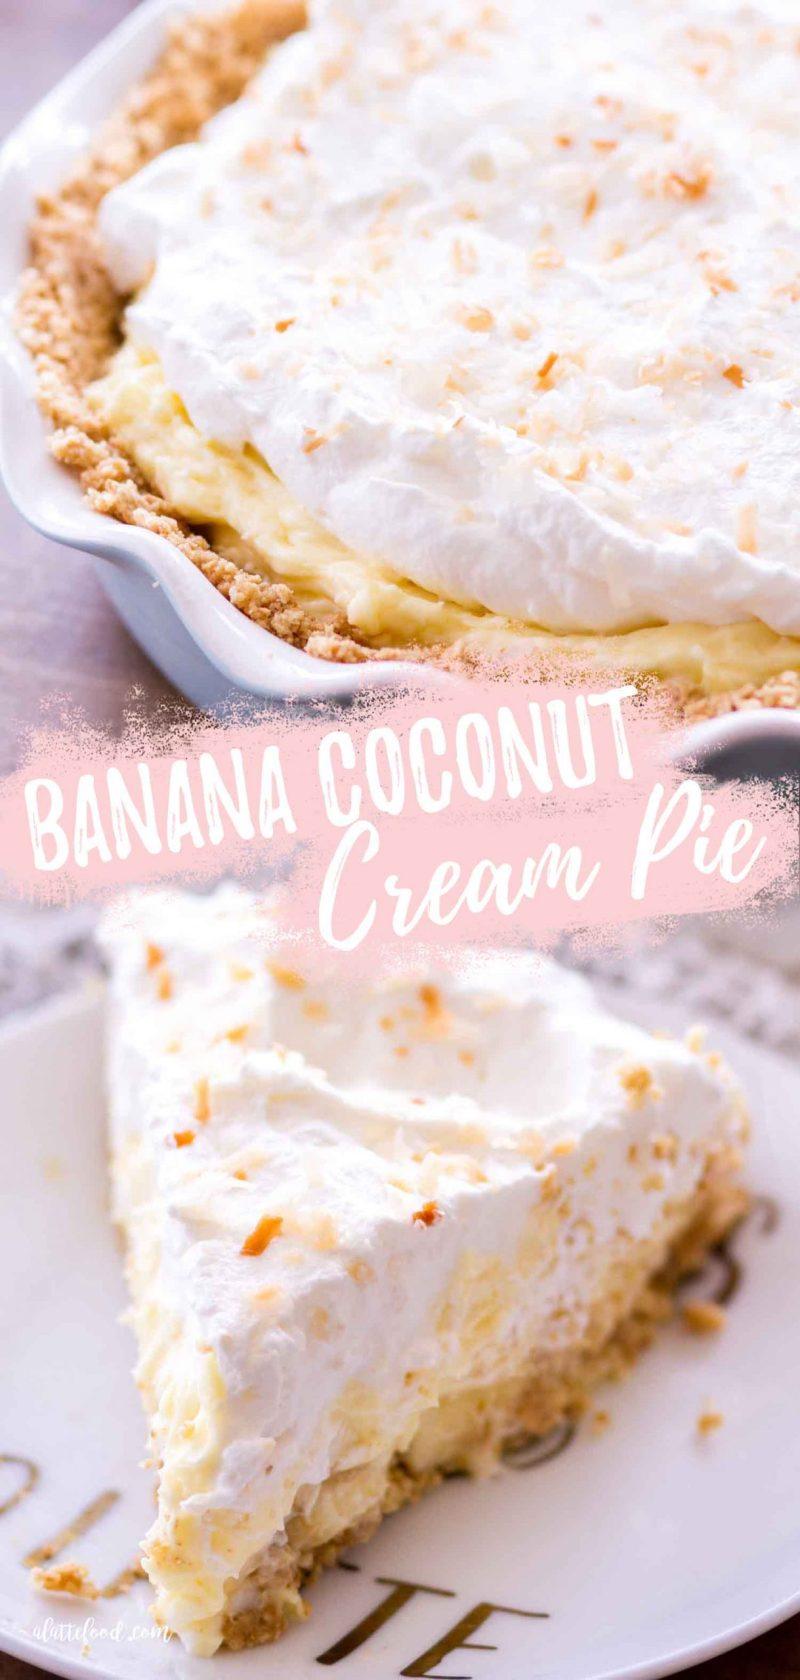 easy banana coconut cream pie collage